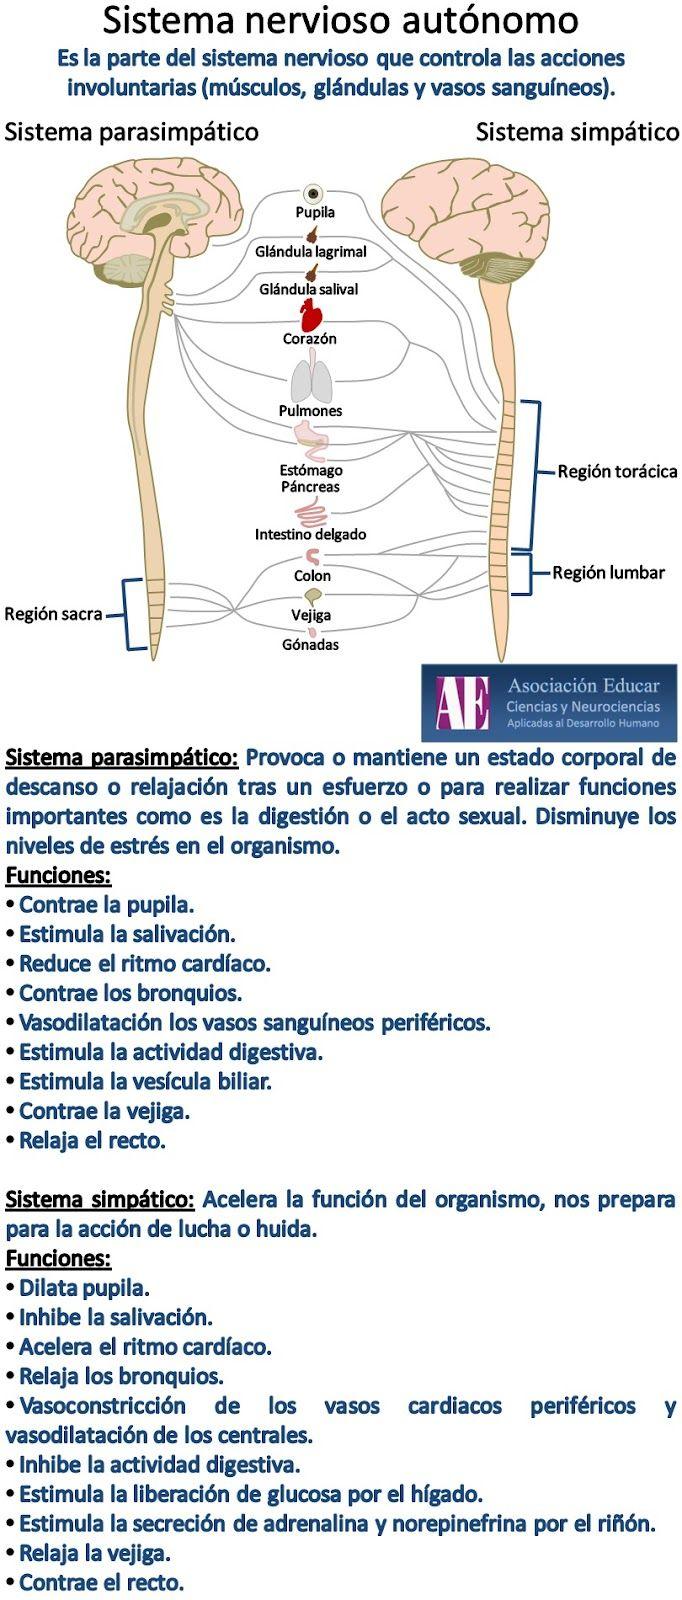 Pin de salo_100 en Neurología | Pinterest | Medicina, Enfermería y ...